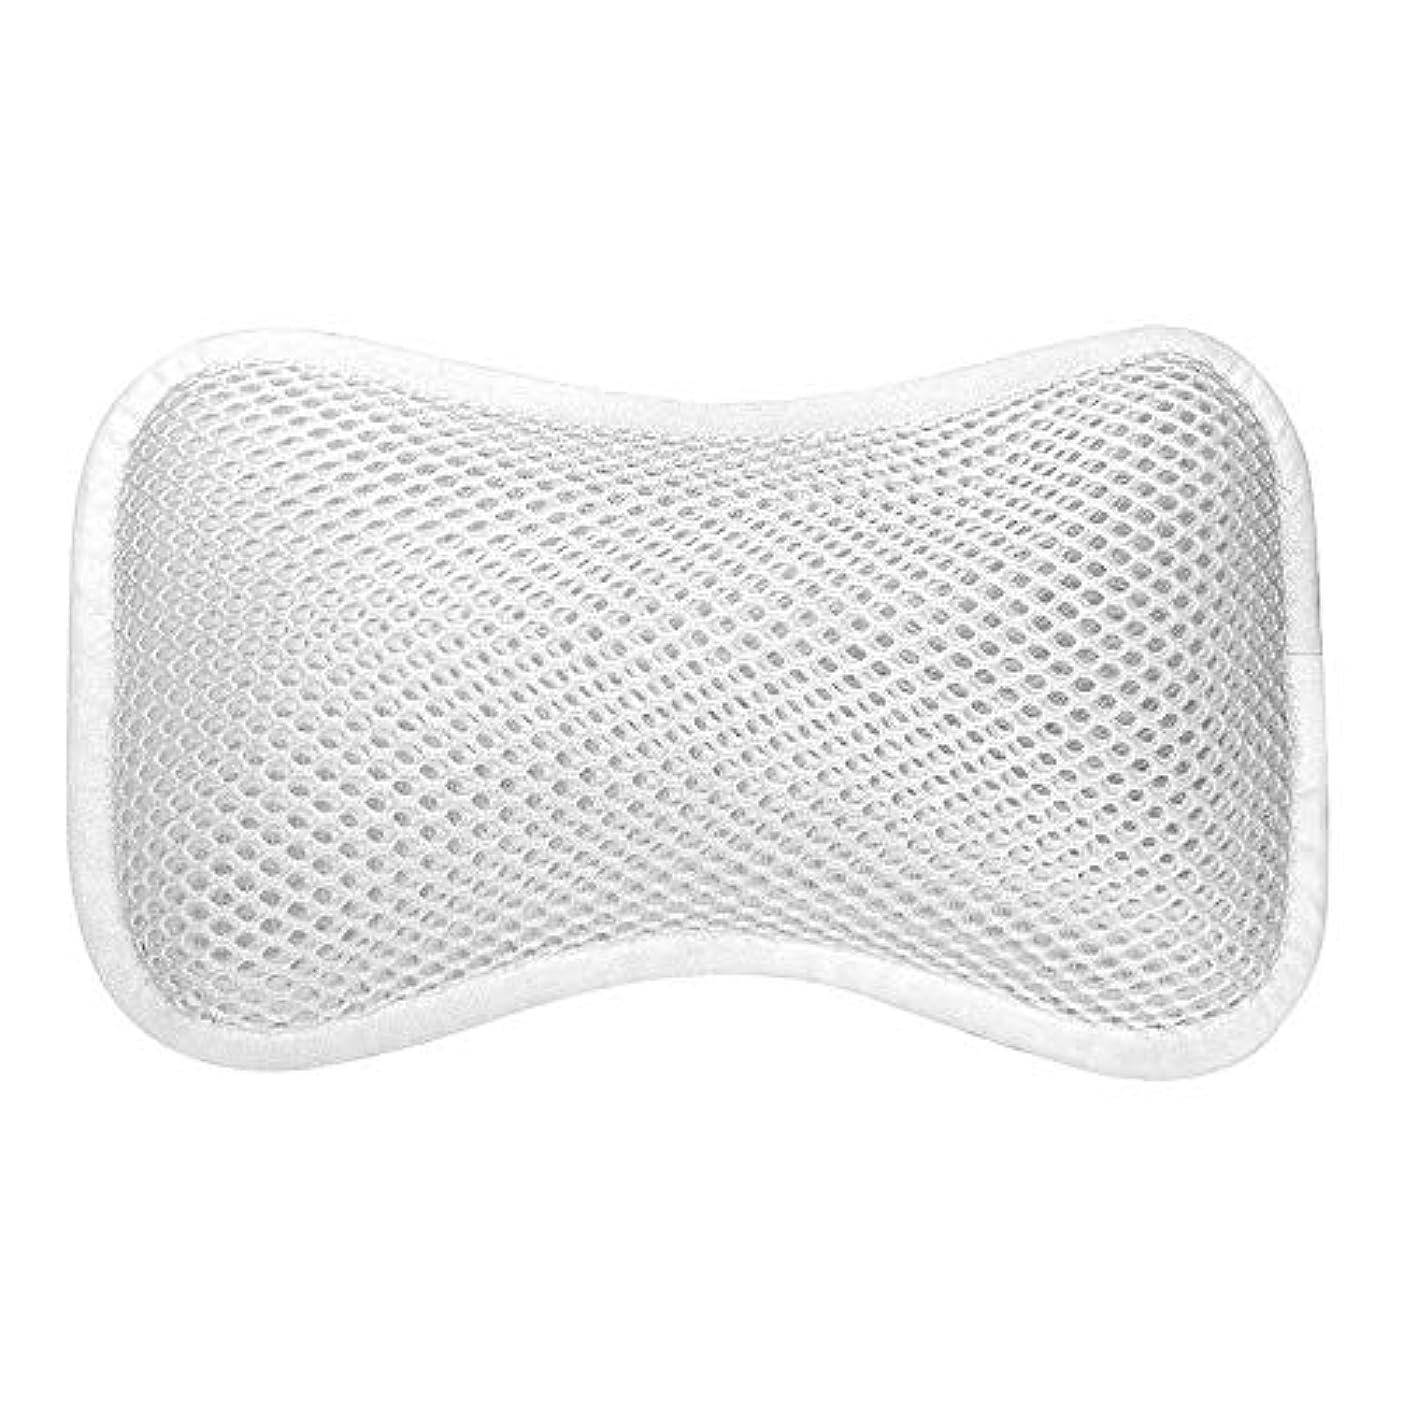 規模自転車肌3D網の骨の定形バスタブの枕、吸盤が付いている人間工学的の設計滑り止??めの浴槽の枕